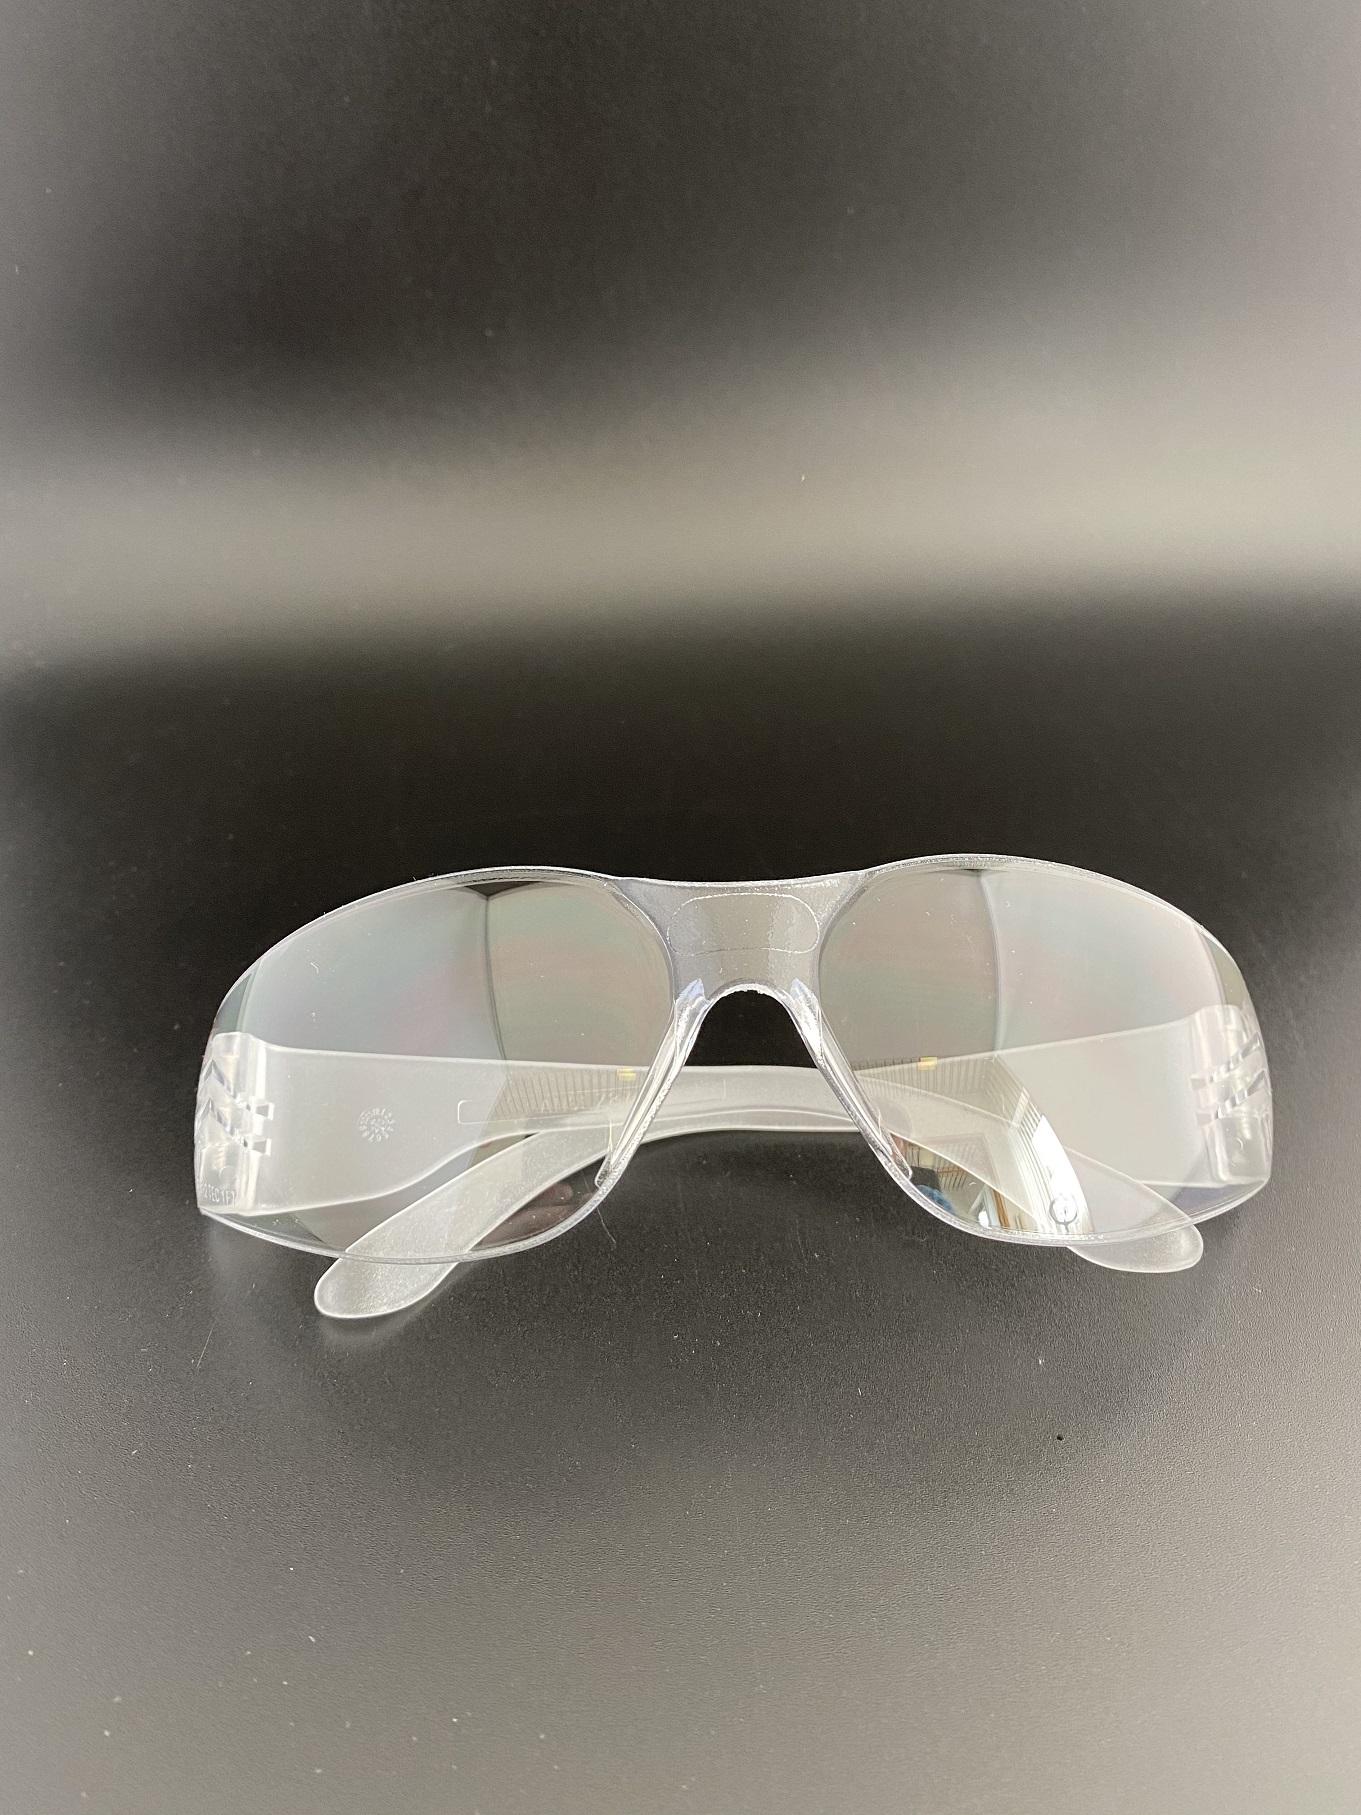 Tector Schutzbrille Farbloses Polycarbonat EN166